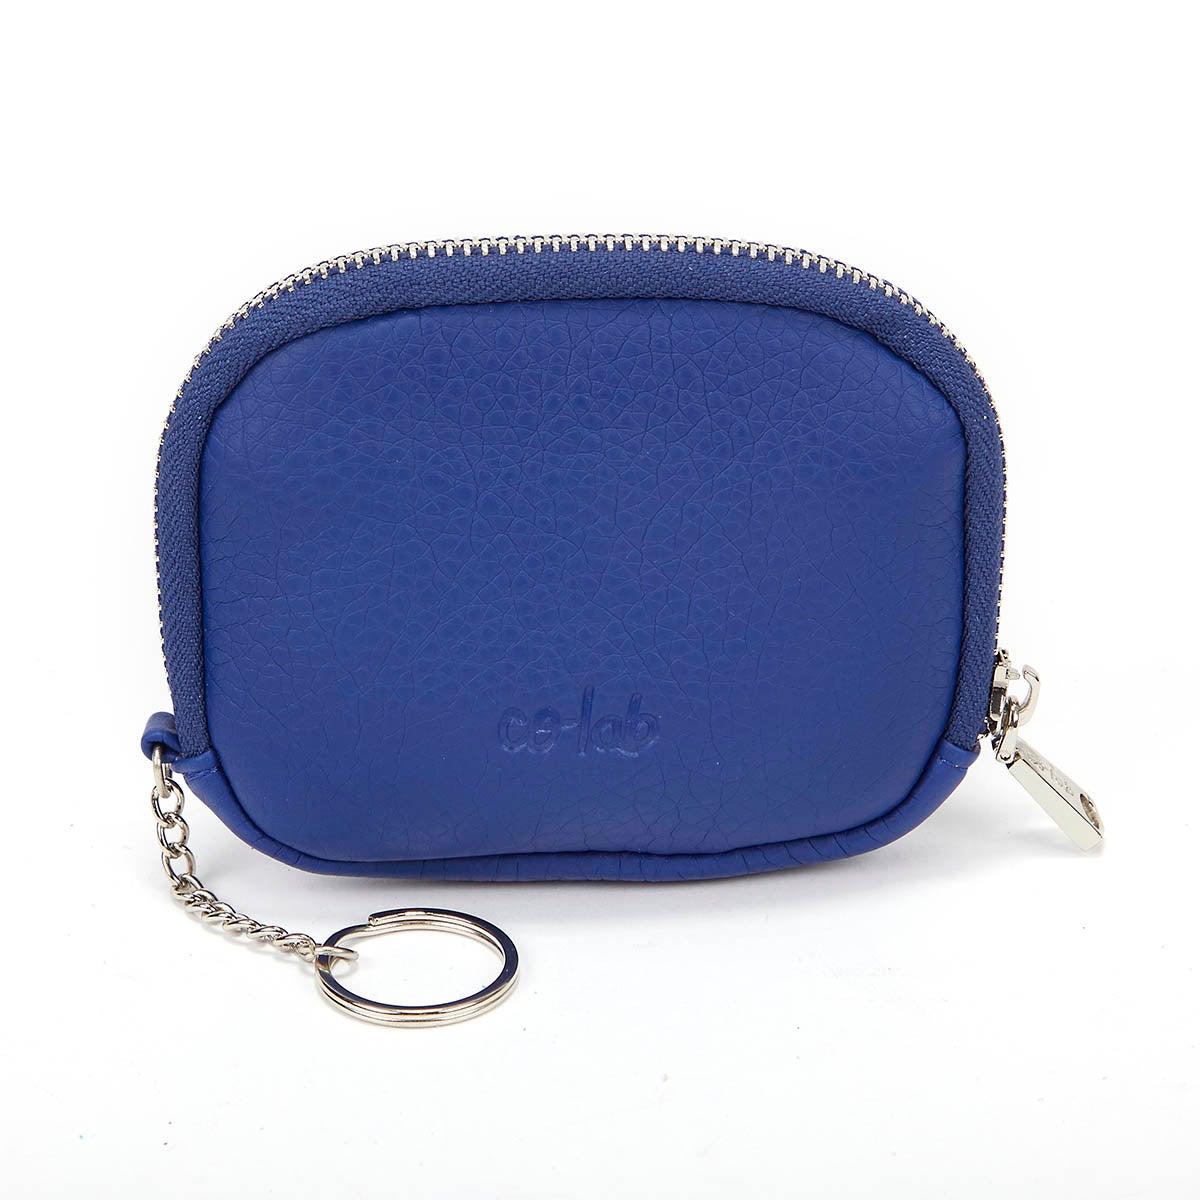 Lds cobalt zip up wallet